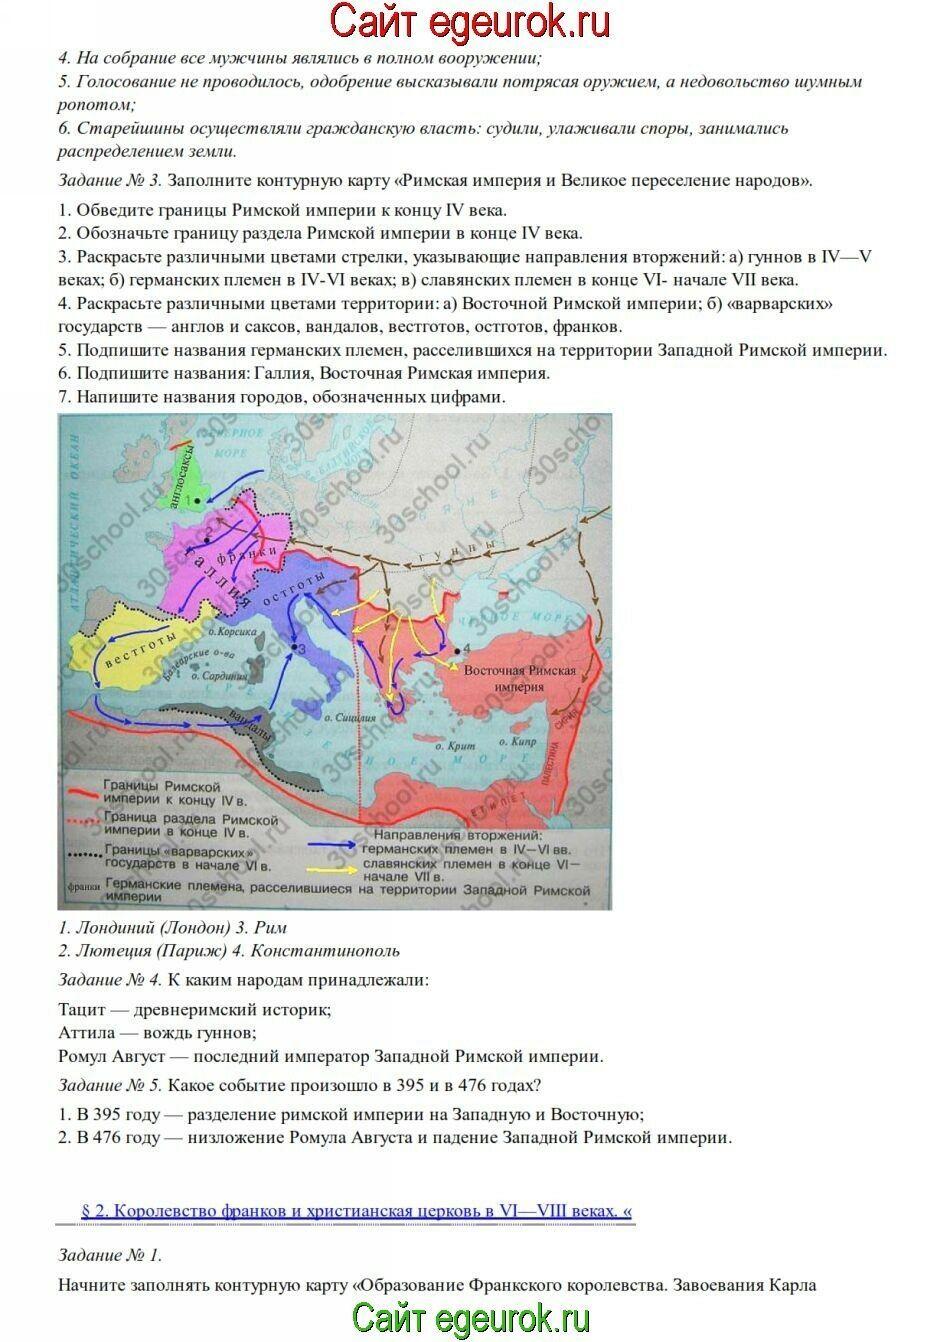 Решебник к учебнику русскому языку с.и.львова 5 класс параграф